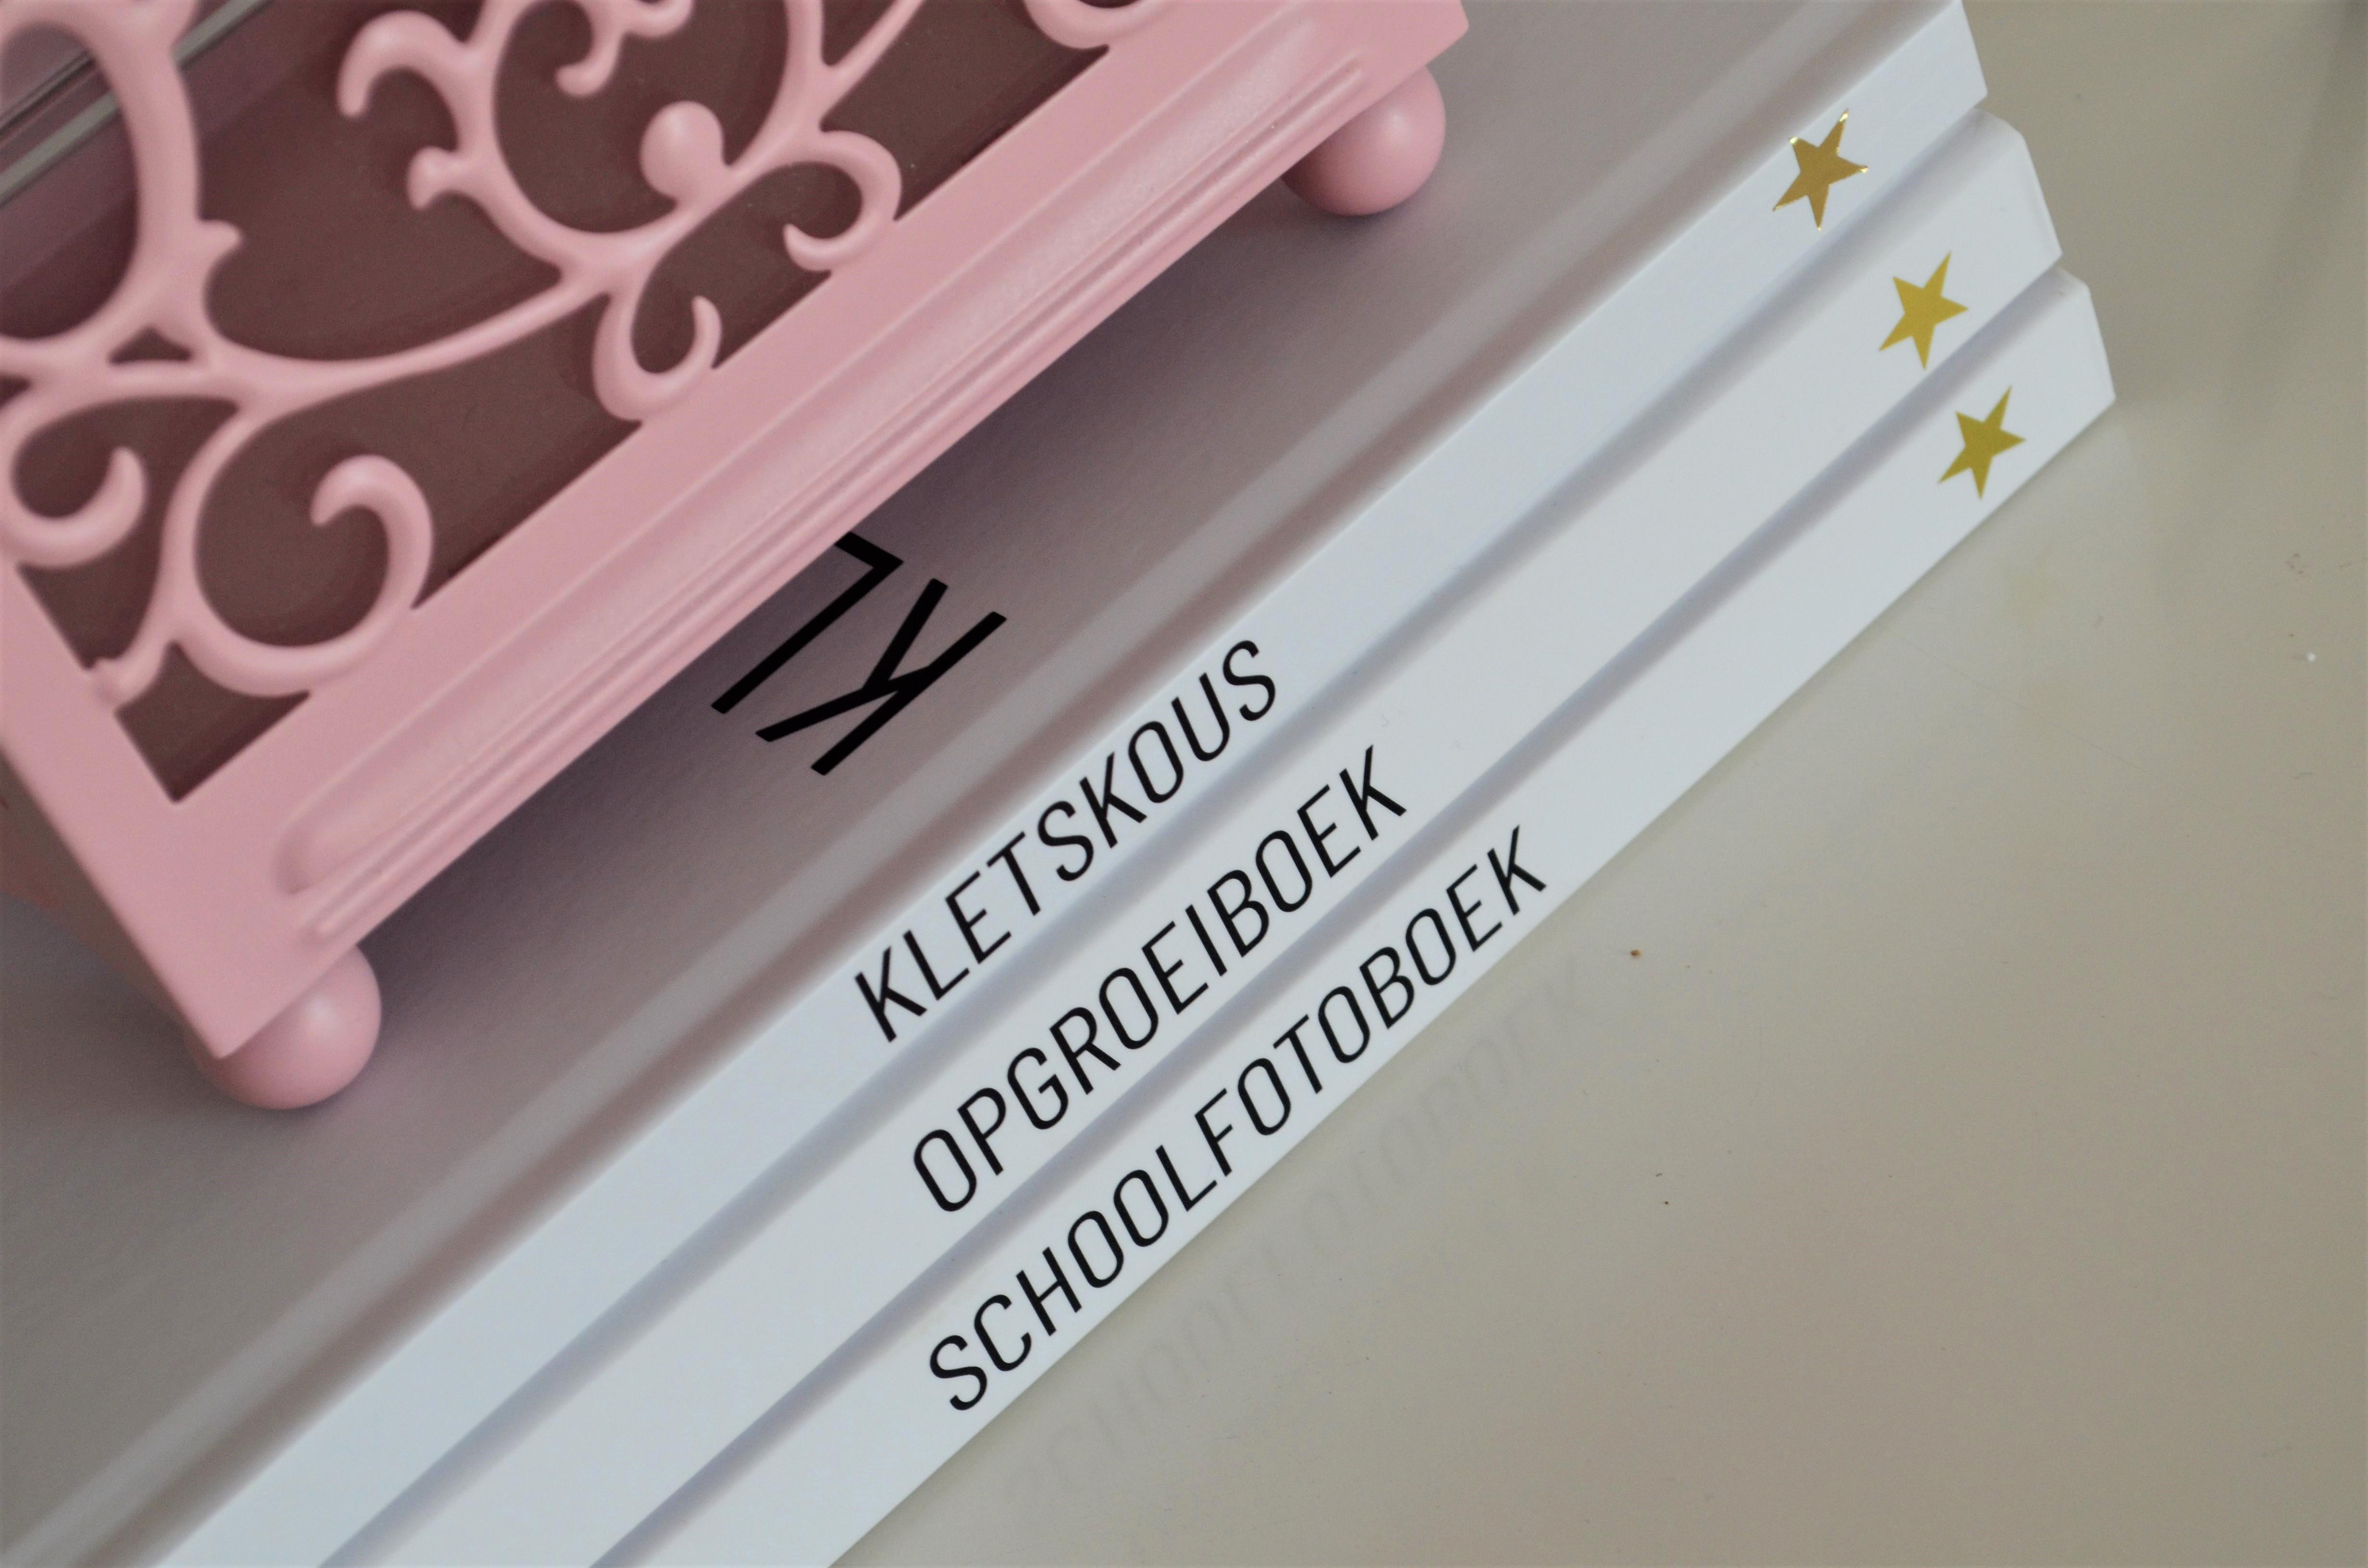 DSC 0058 4928x3264 - Nieuwe invulboeken: Kletskous, Opgroei- en Schoolfotoboek!